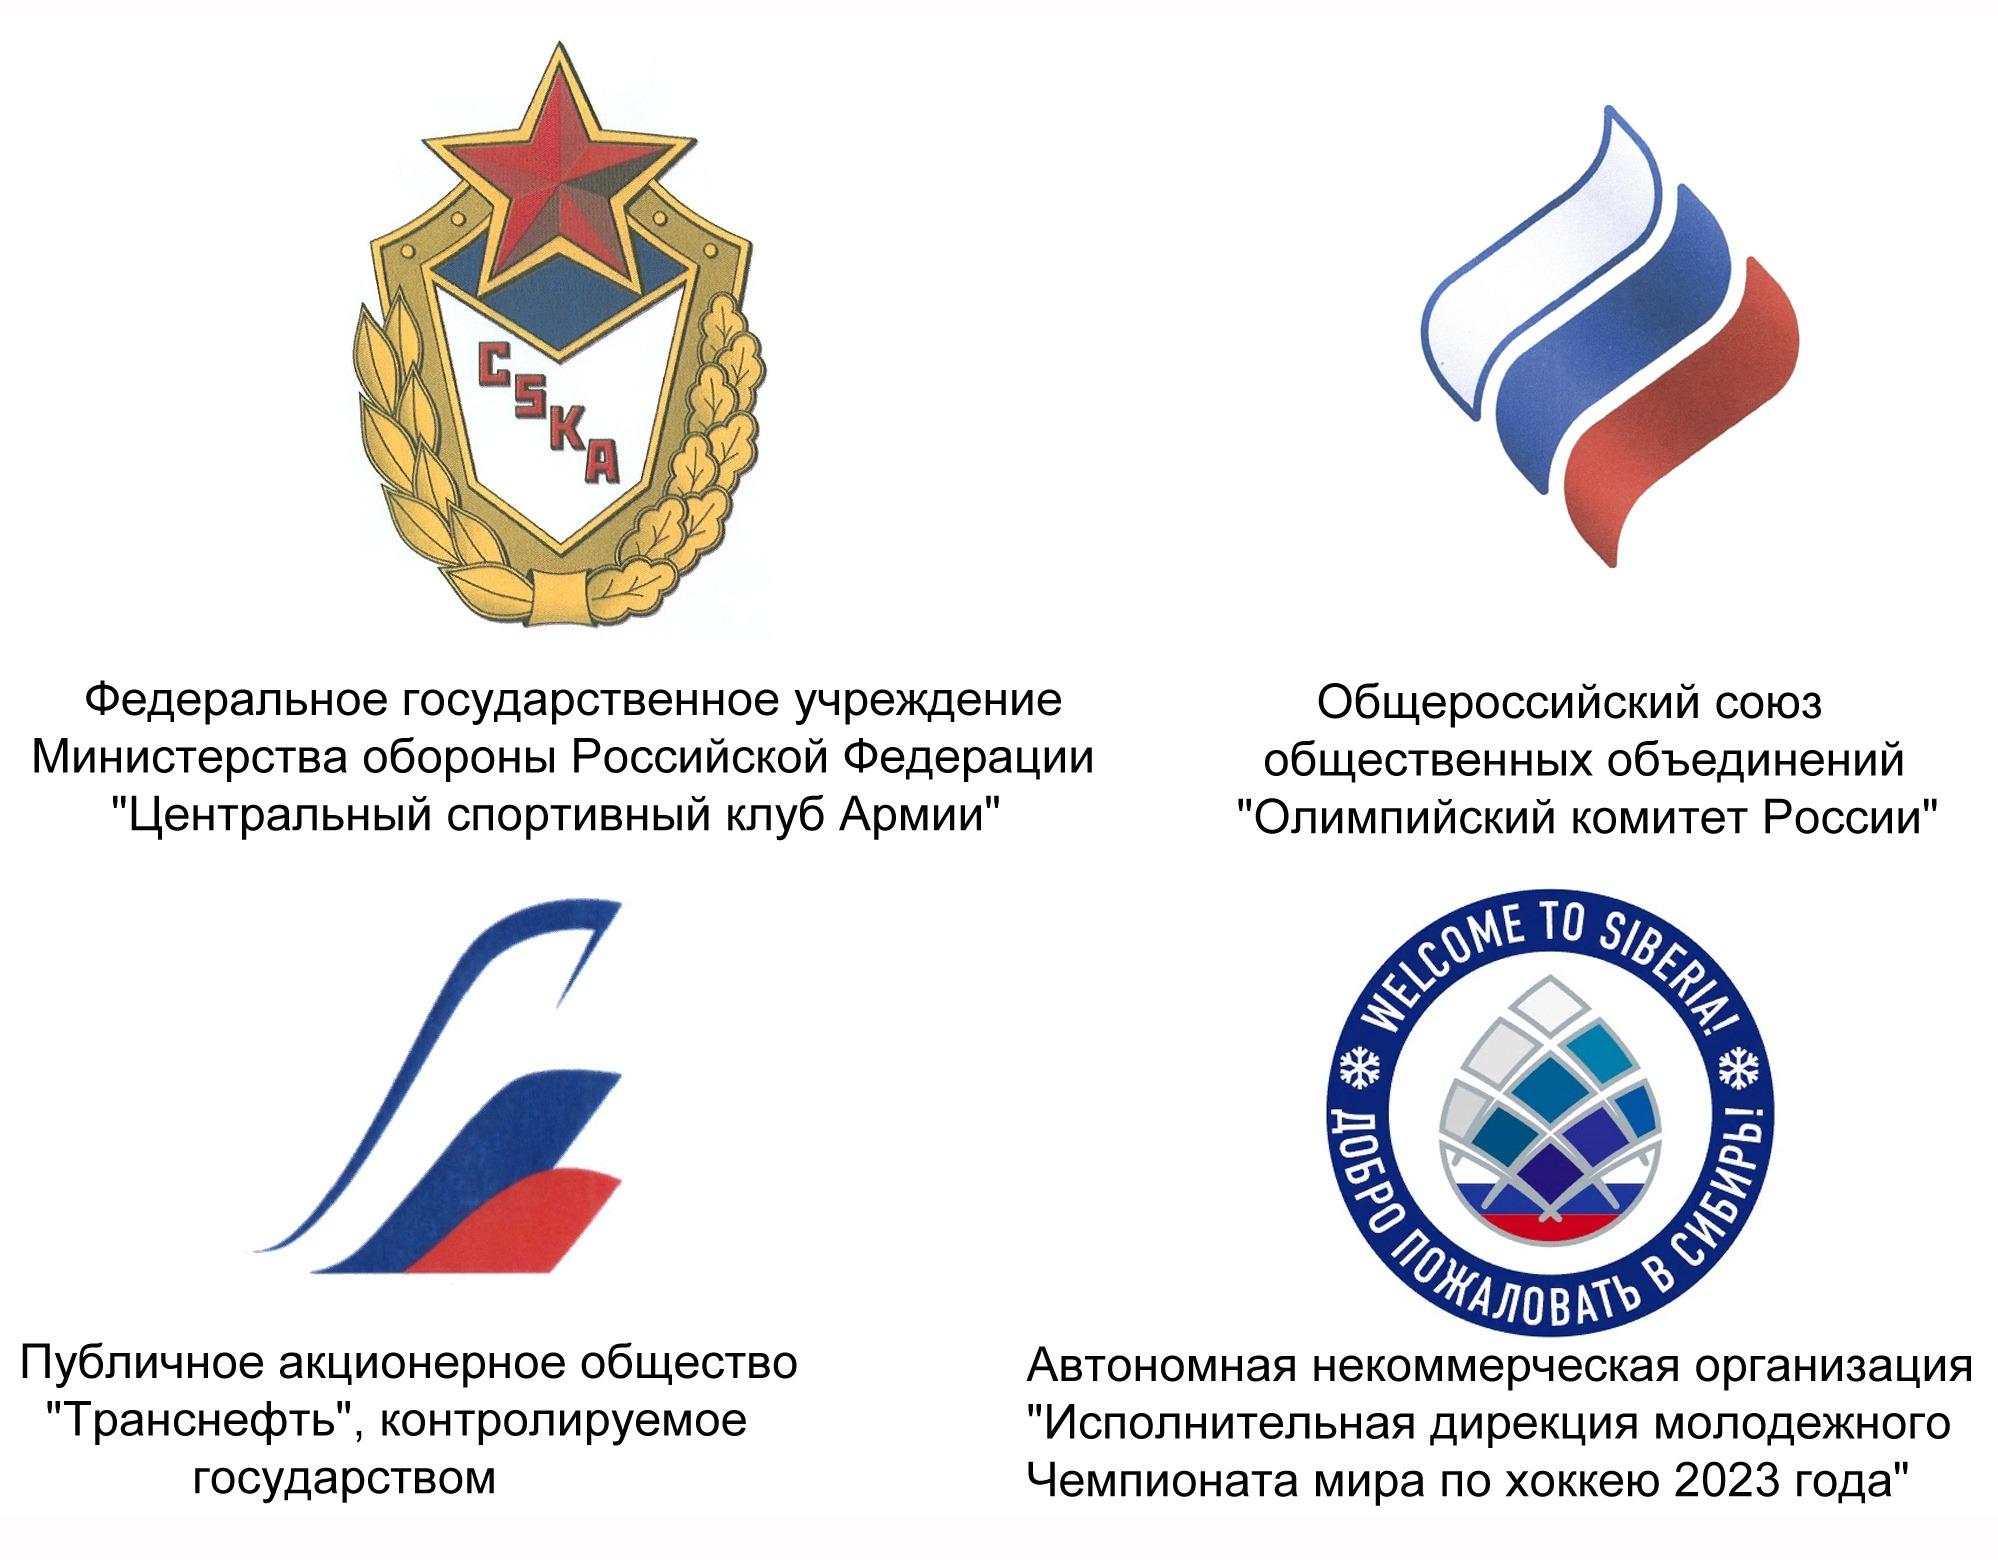 Примеры товарных знаков с государственной символикой, зарегистрированные в 2020-2021 гг.